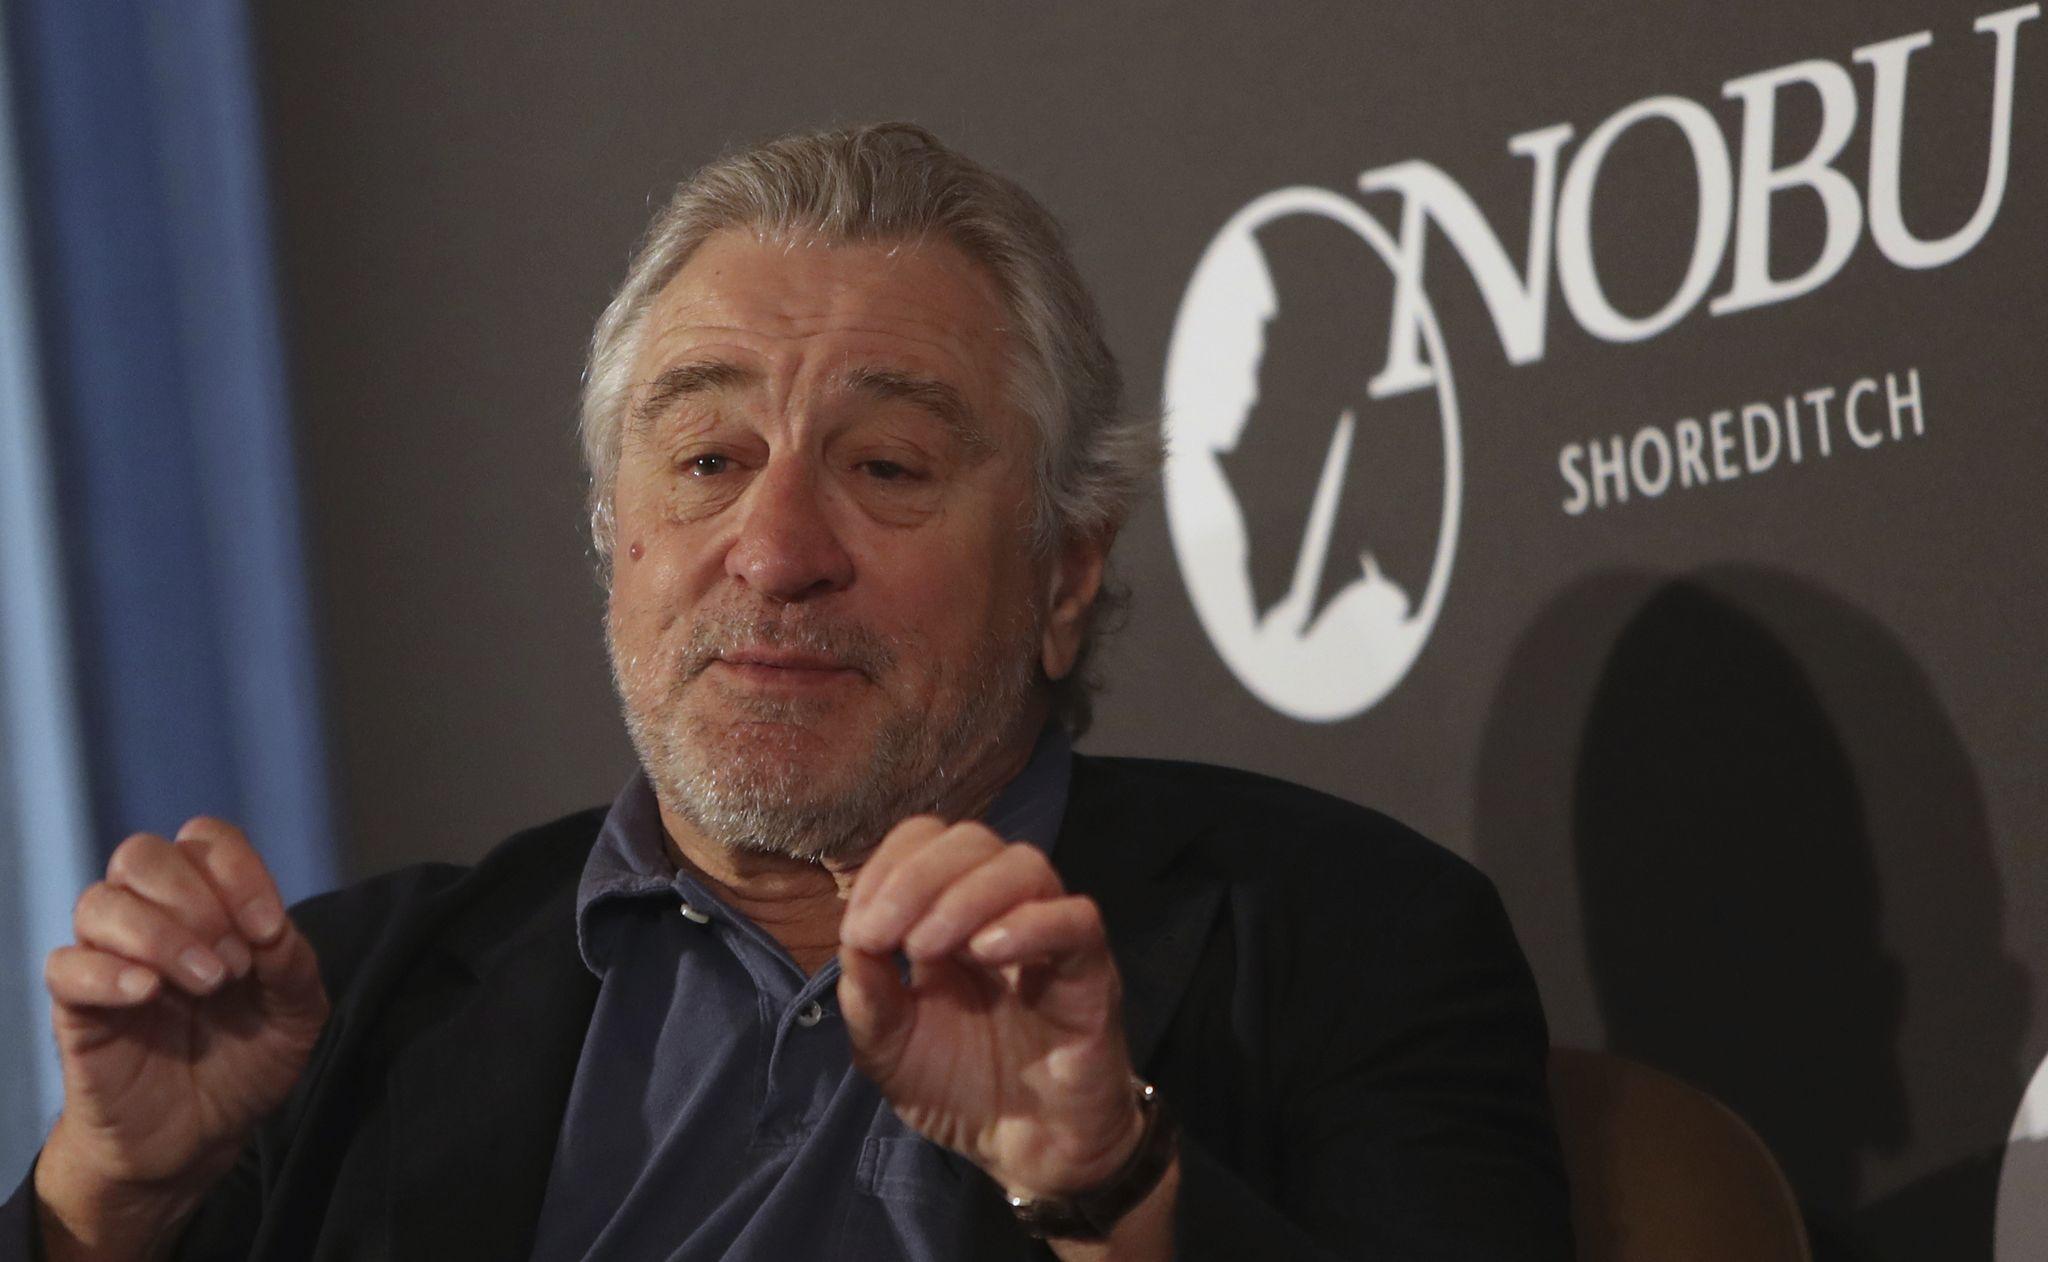 Robert De Niro bans Donald Trump from Nobu restaurants